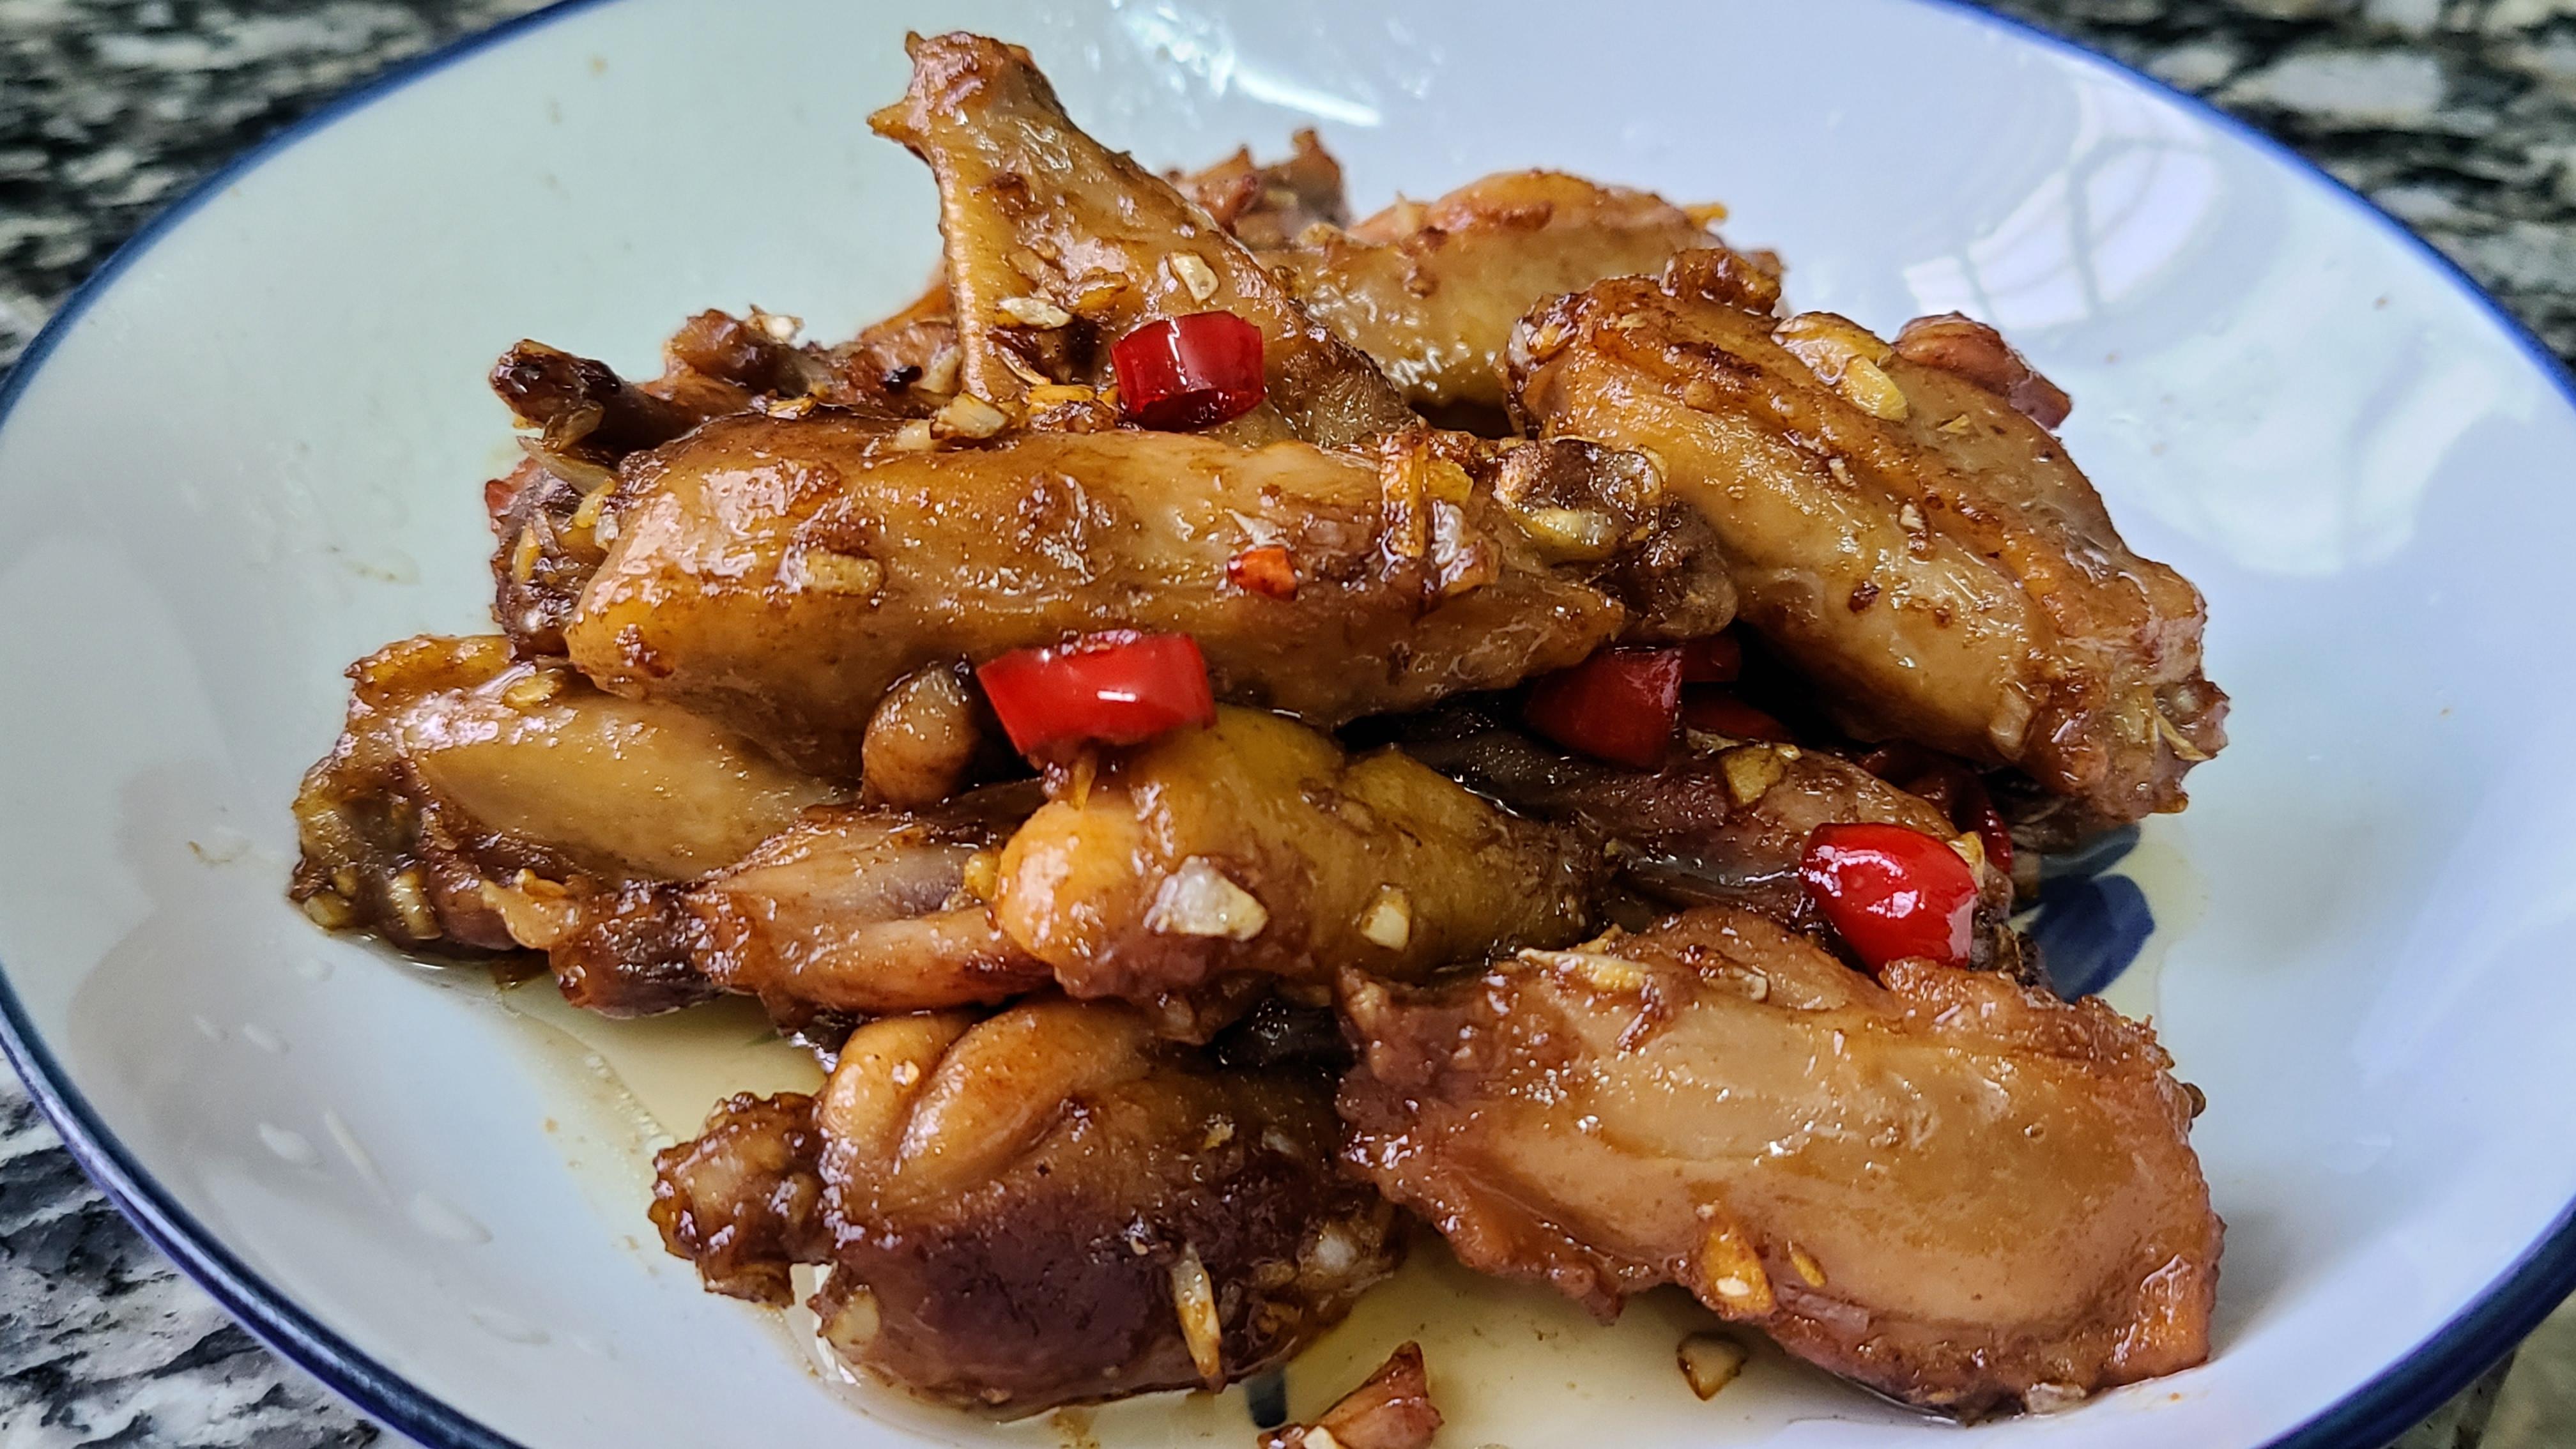 蒜香雞翅,很好吃的一道美食,學會這個家常做法,看著就想吃